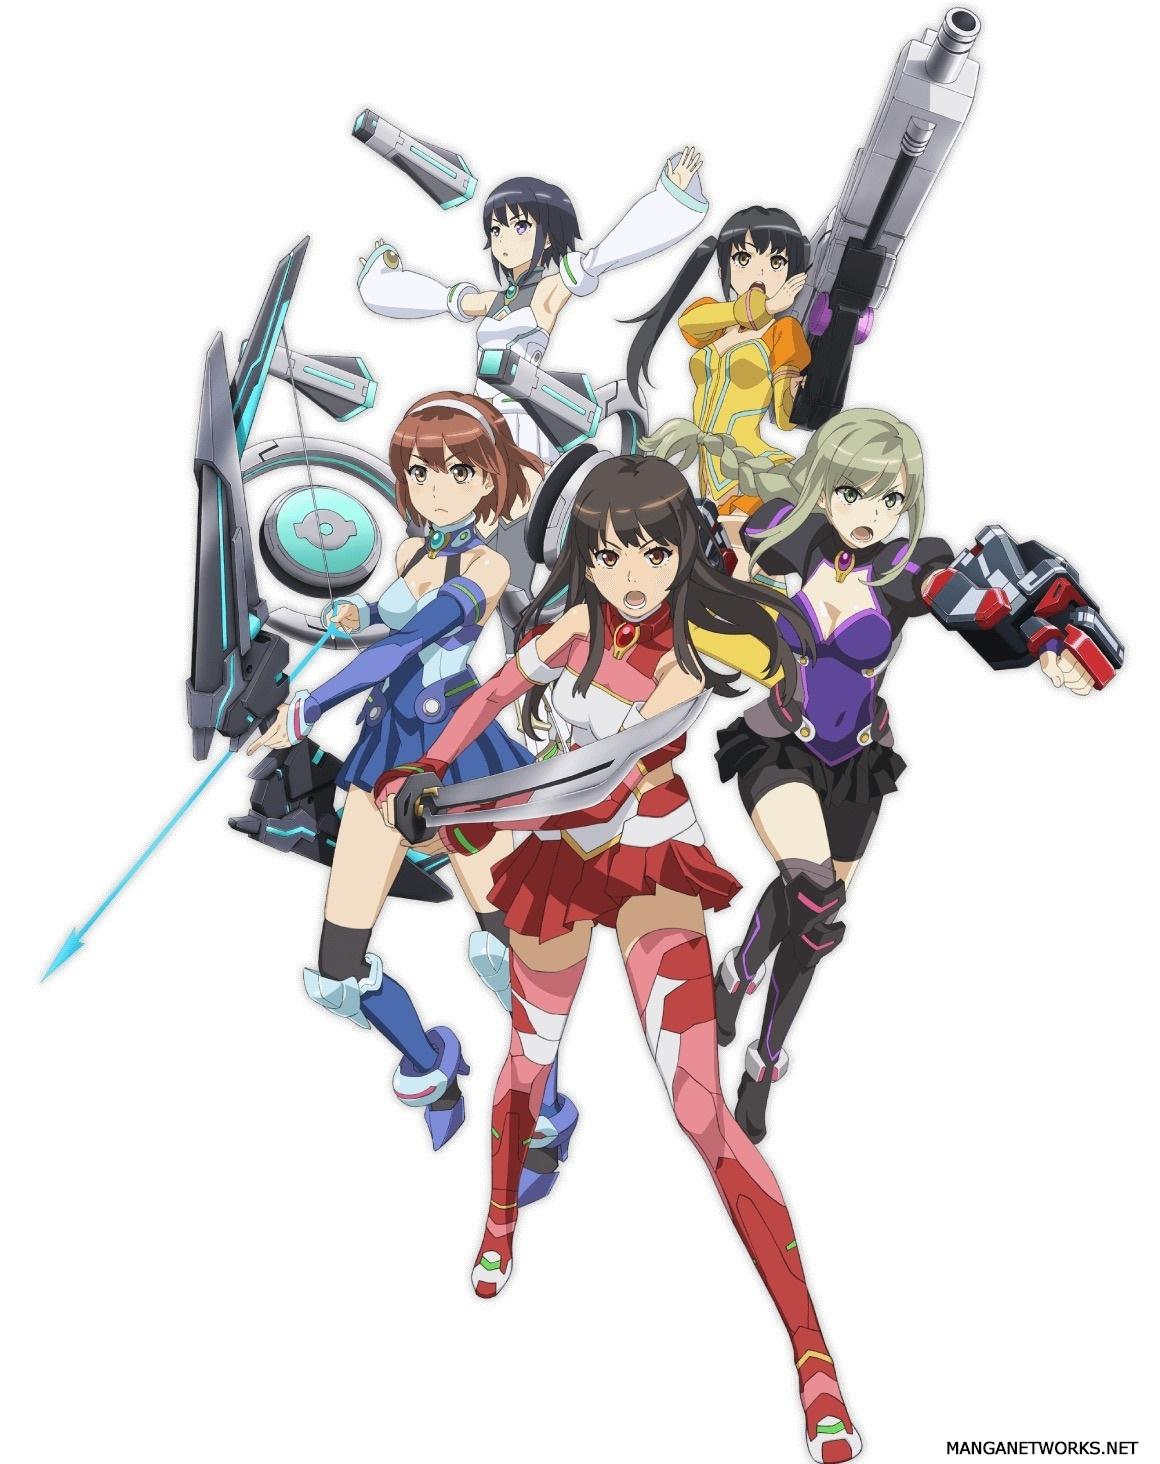 31411260600 951ced830d o [ Đề cử ] 8 anime được chuyển thể từ video game và visual novel cho mùa đông 2017